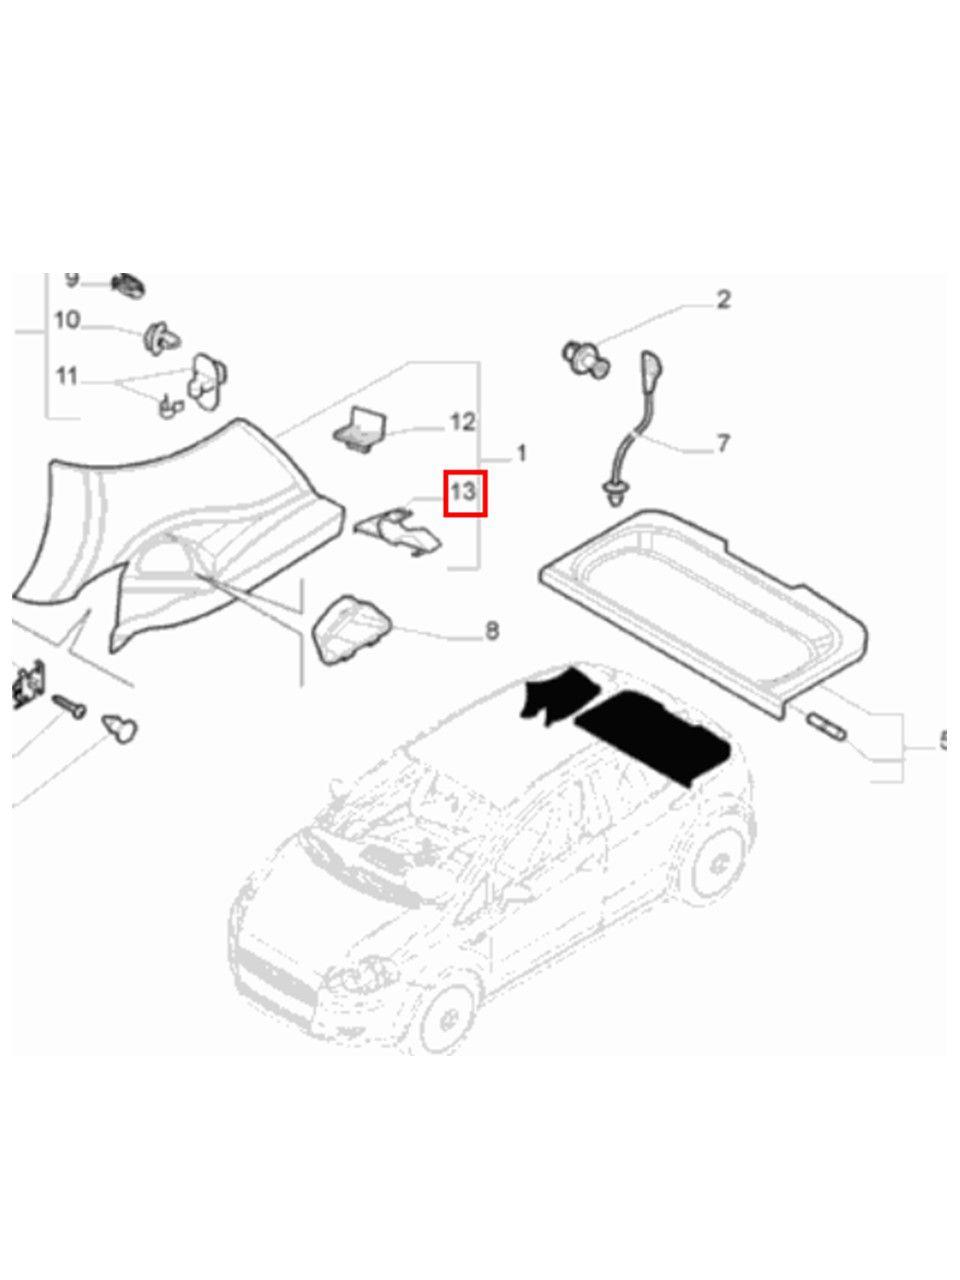 Suporte Fixação Esquerdo Tampão Fiat Punto 2008 2017 Original